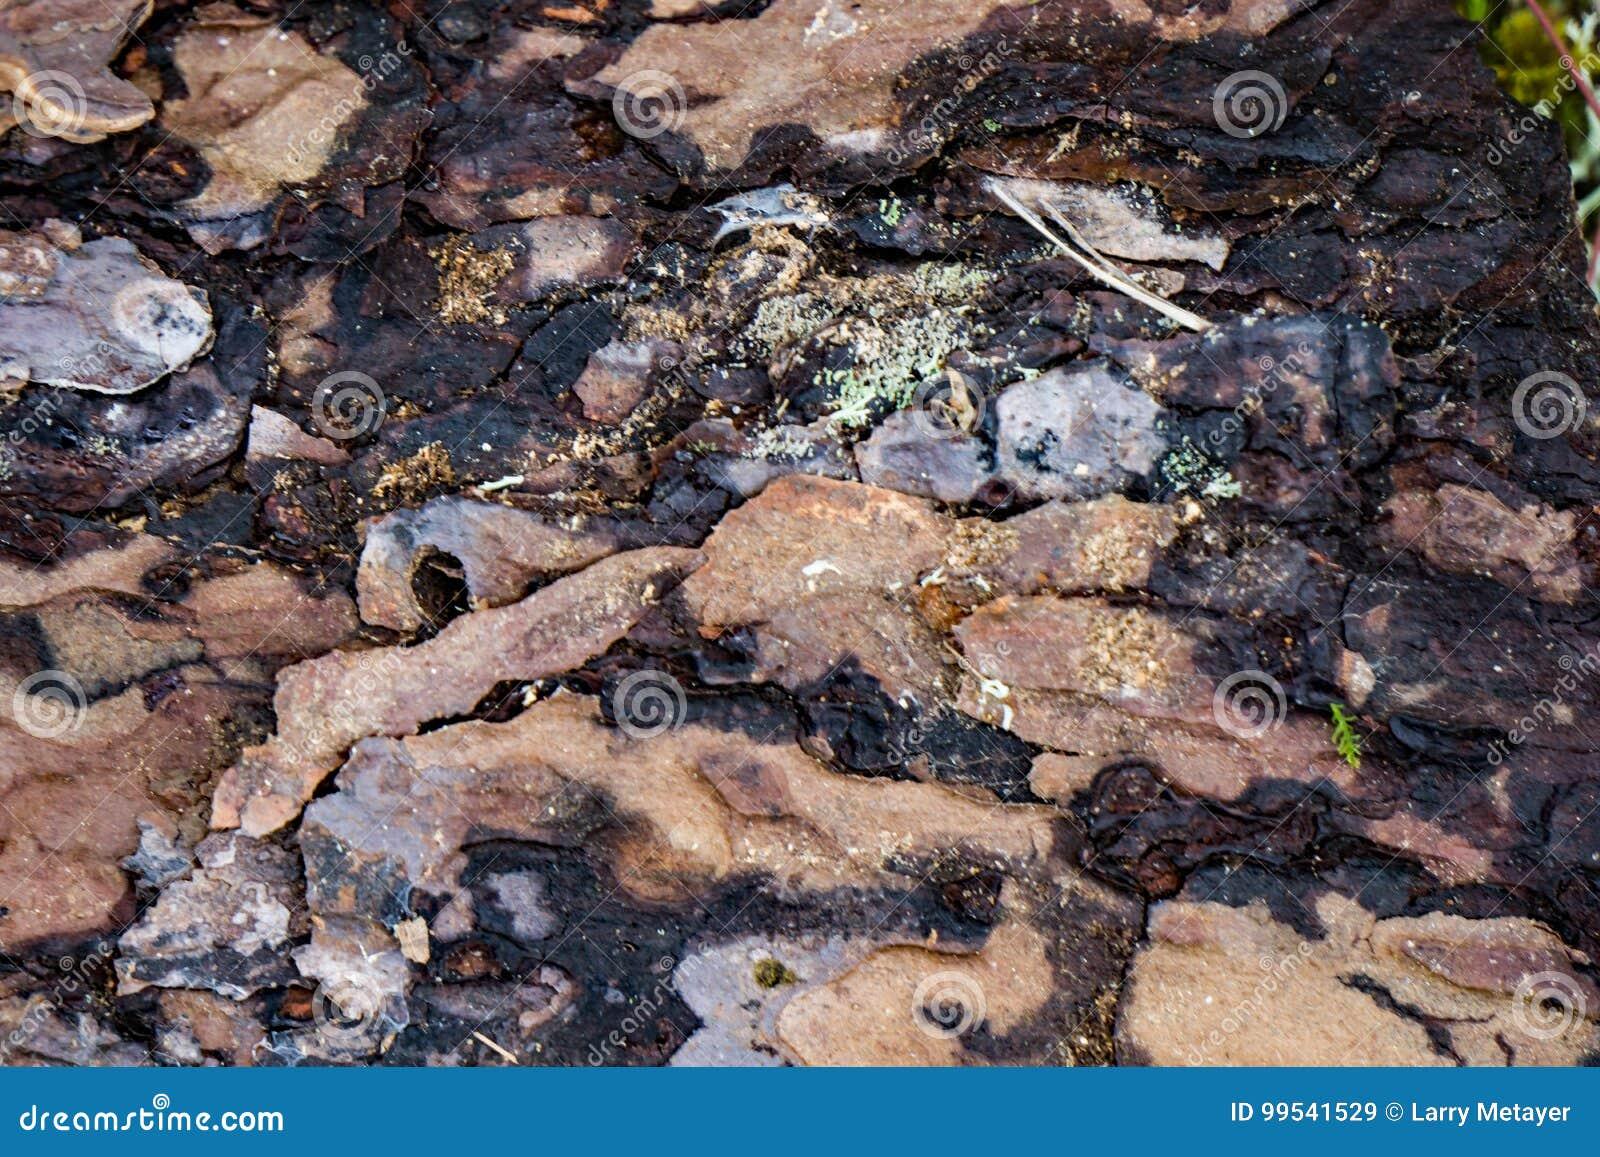 Corteccia di albero decomposta - 2